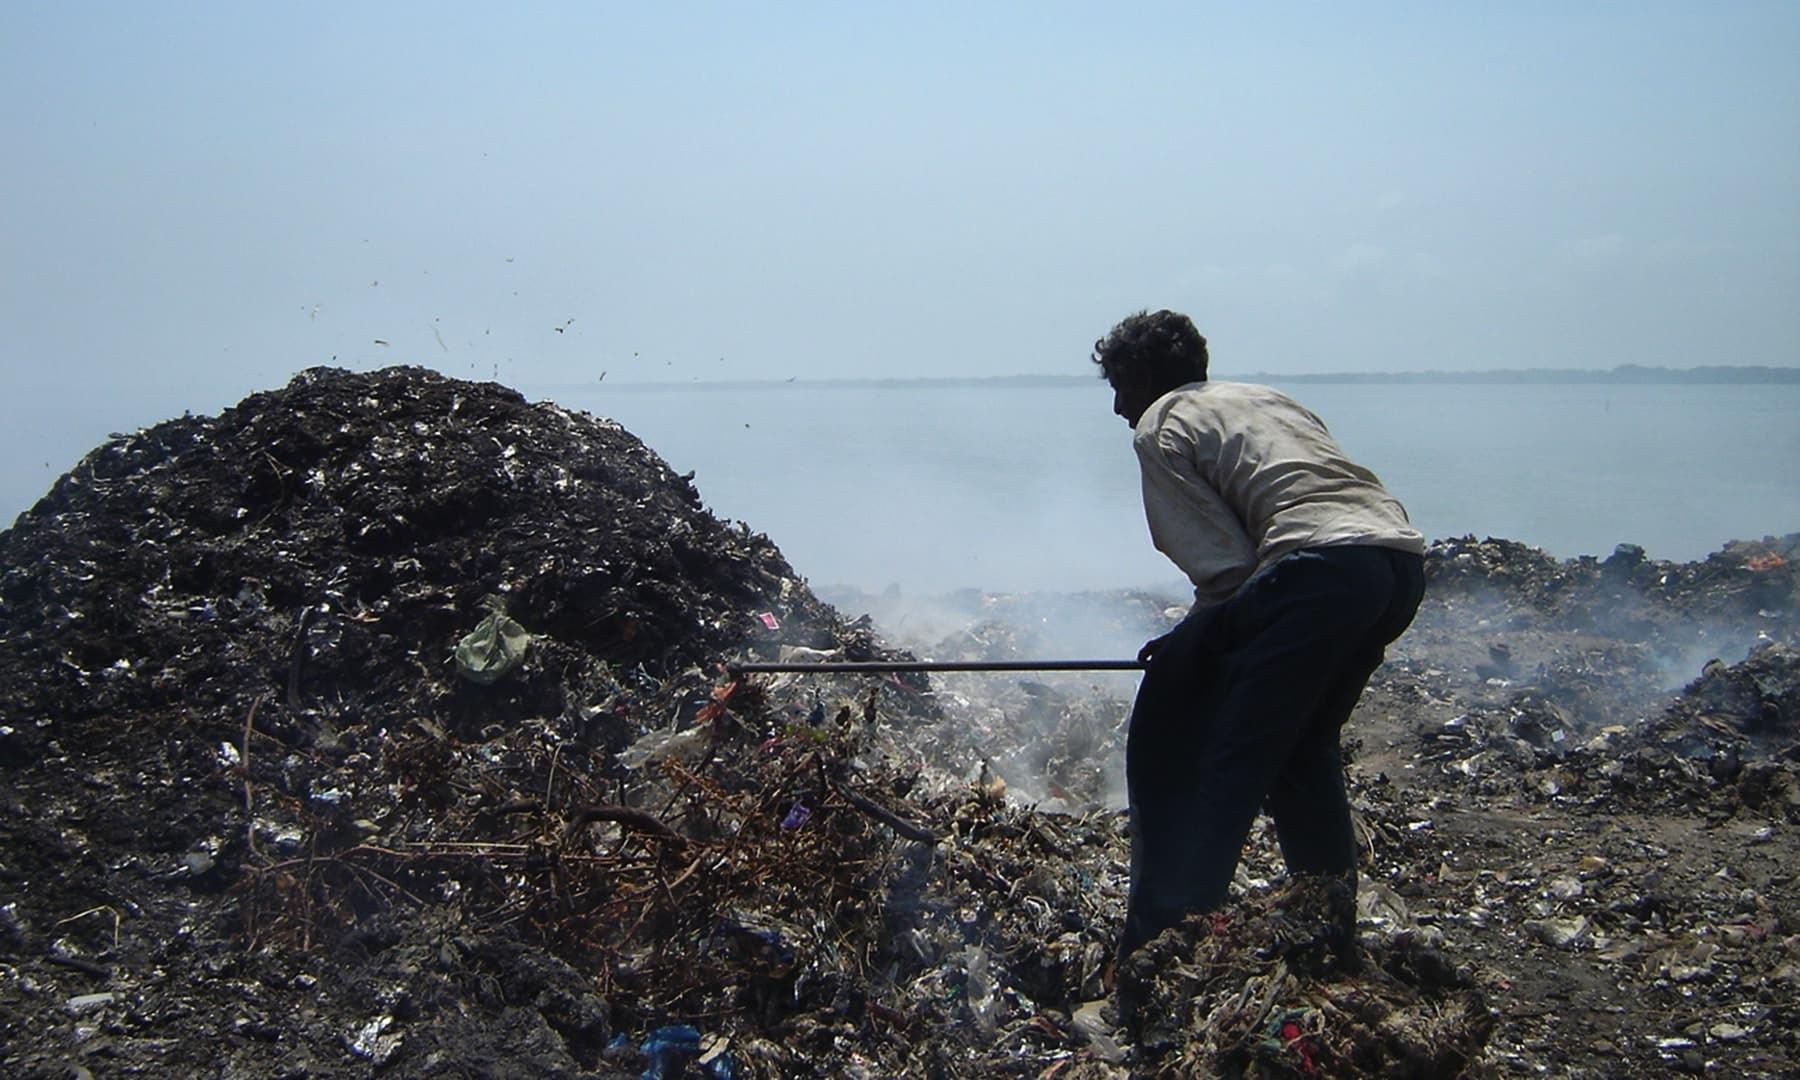 کوڑے میں شامل پلاسٹک سمندری حیات کے لیے مہلک خطرات پیدا کردیتا ہے